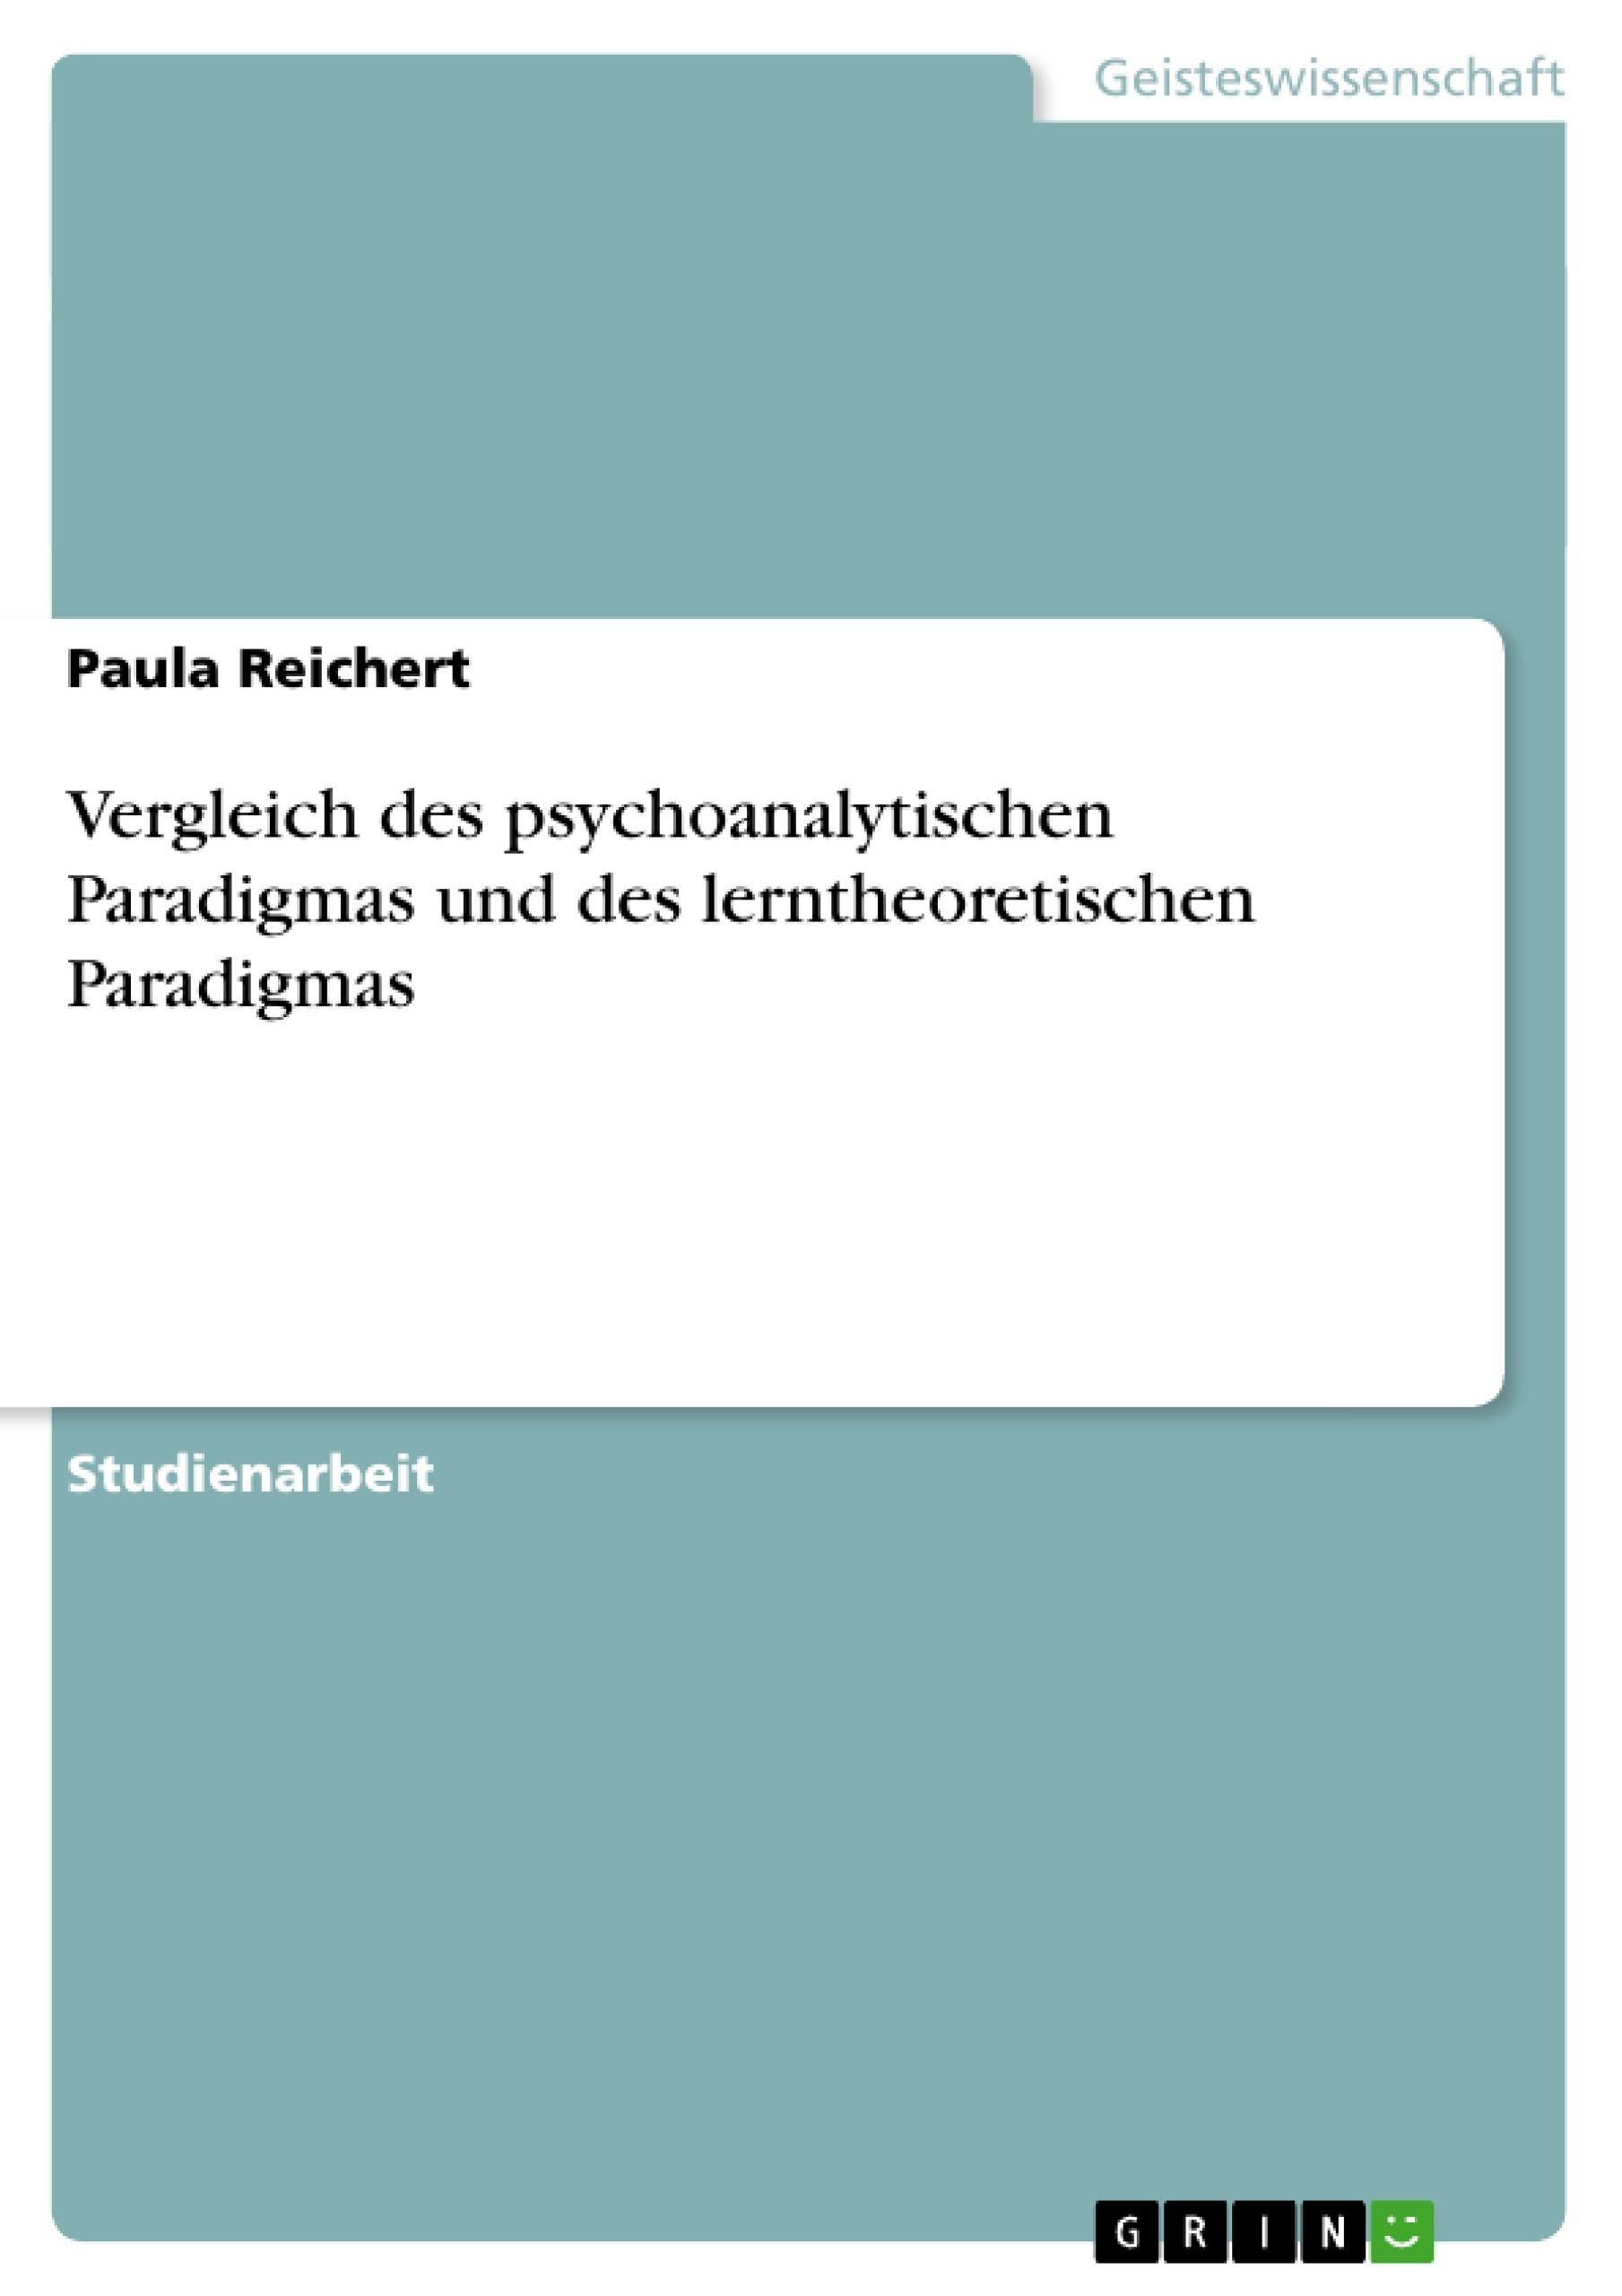 Titel: Vergleich des psychoanalytischen Paradigmas und des lerntheoretischen Paradigmas